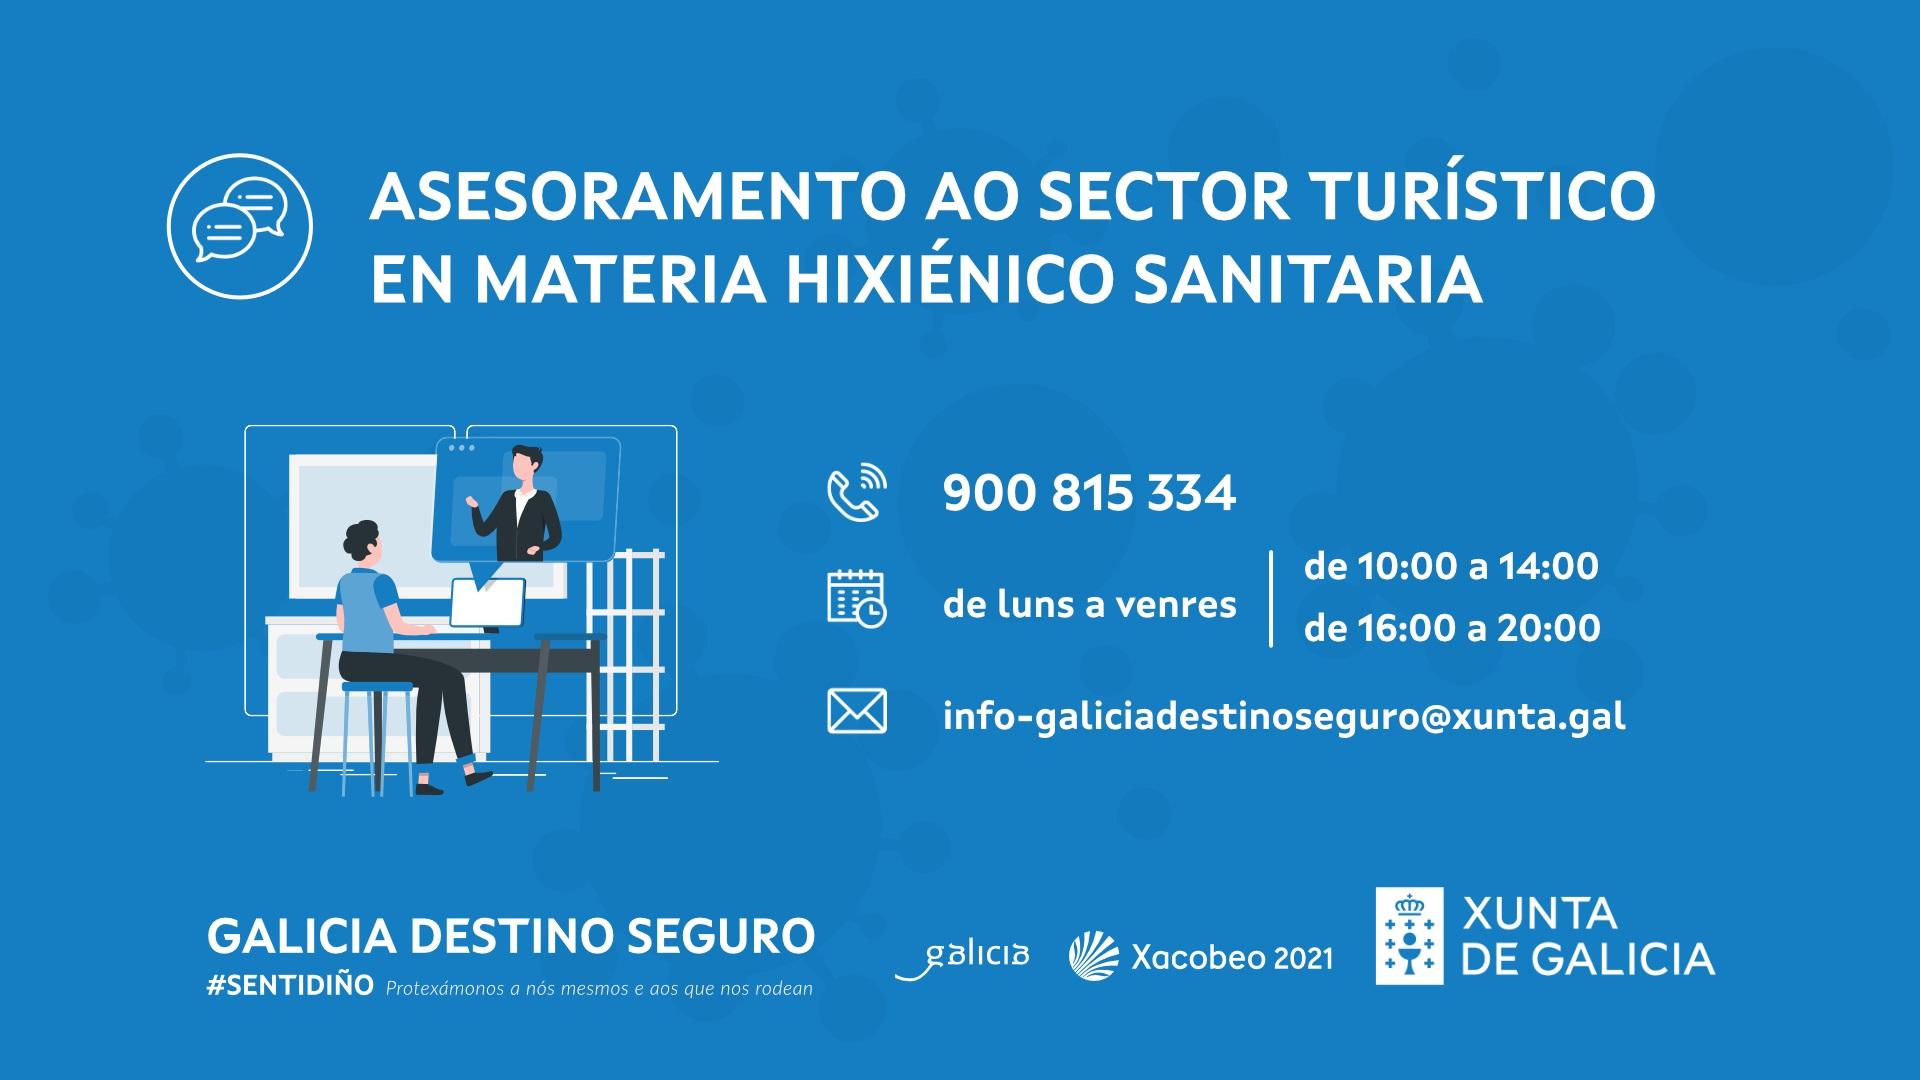 xunta de galicia sector turístico